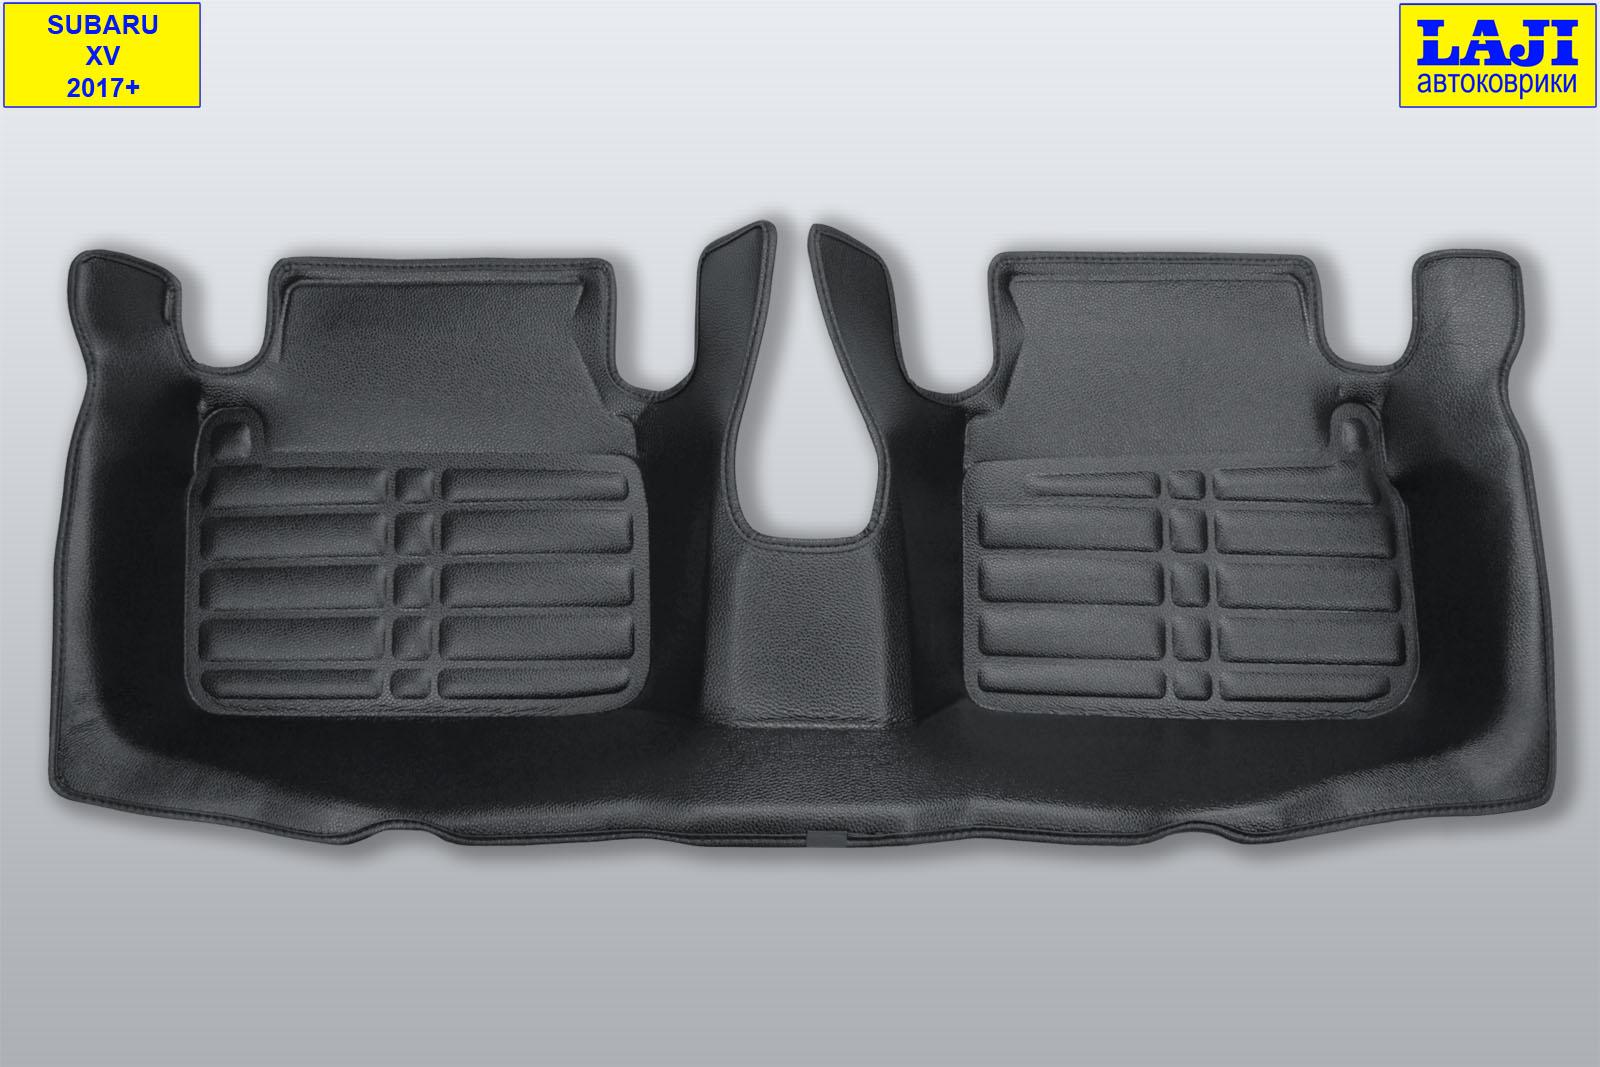 5D коврики в салон Subaru XV 2017-н.в. 10